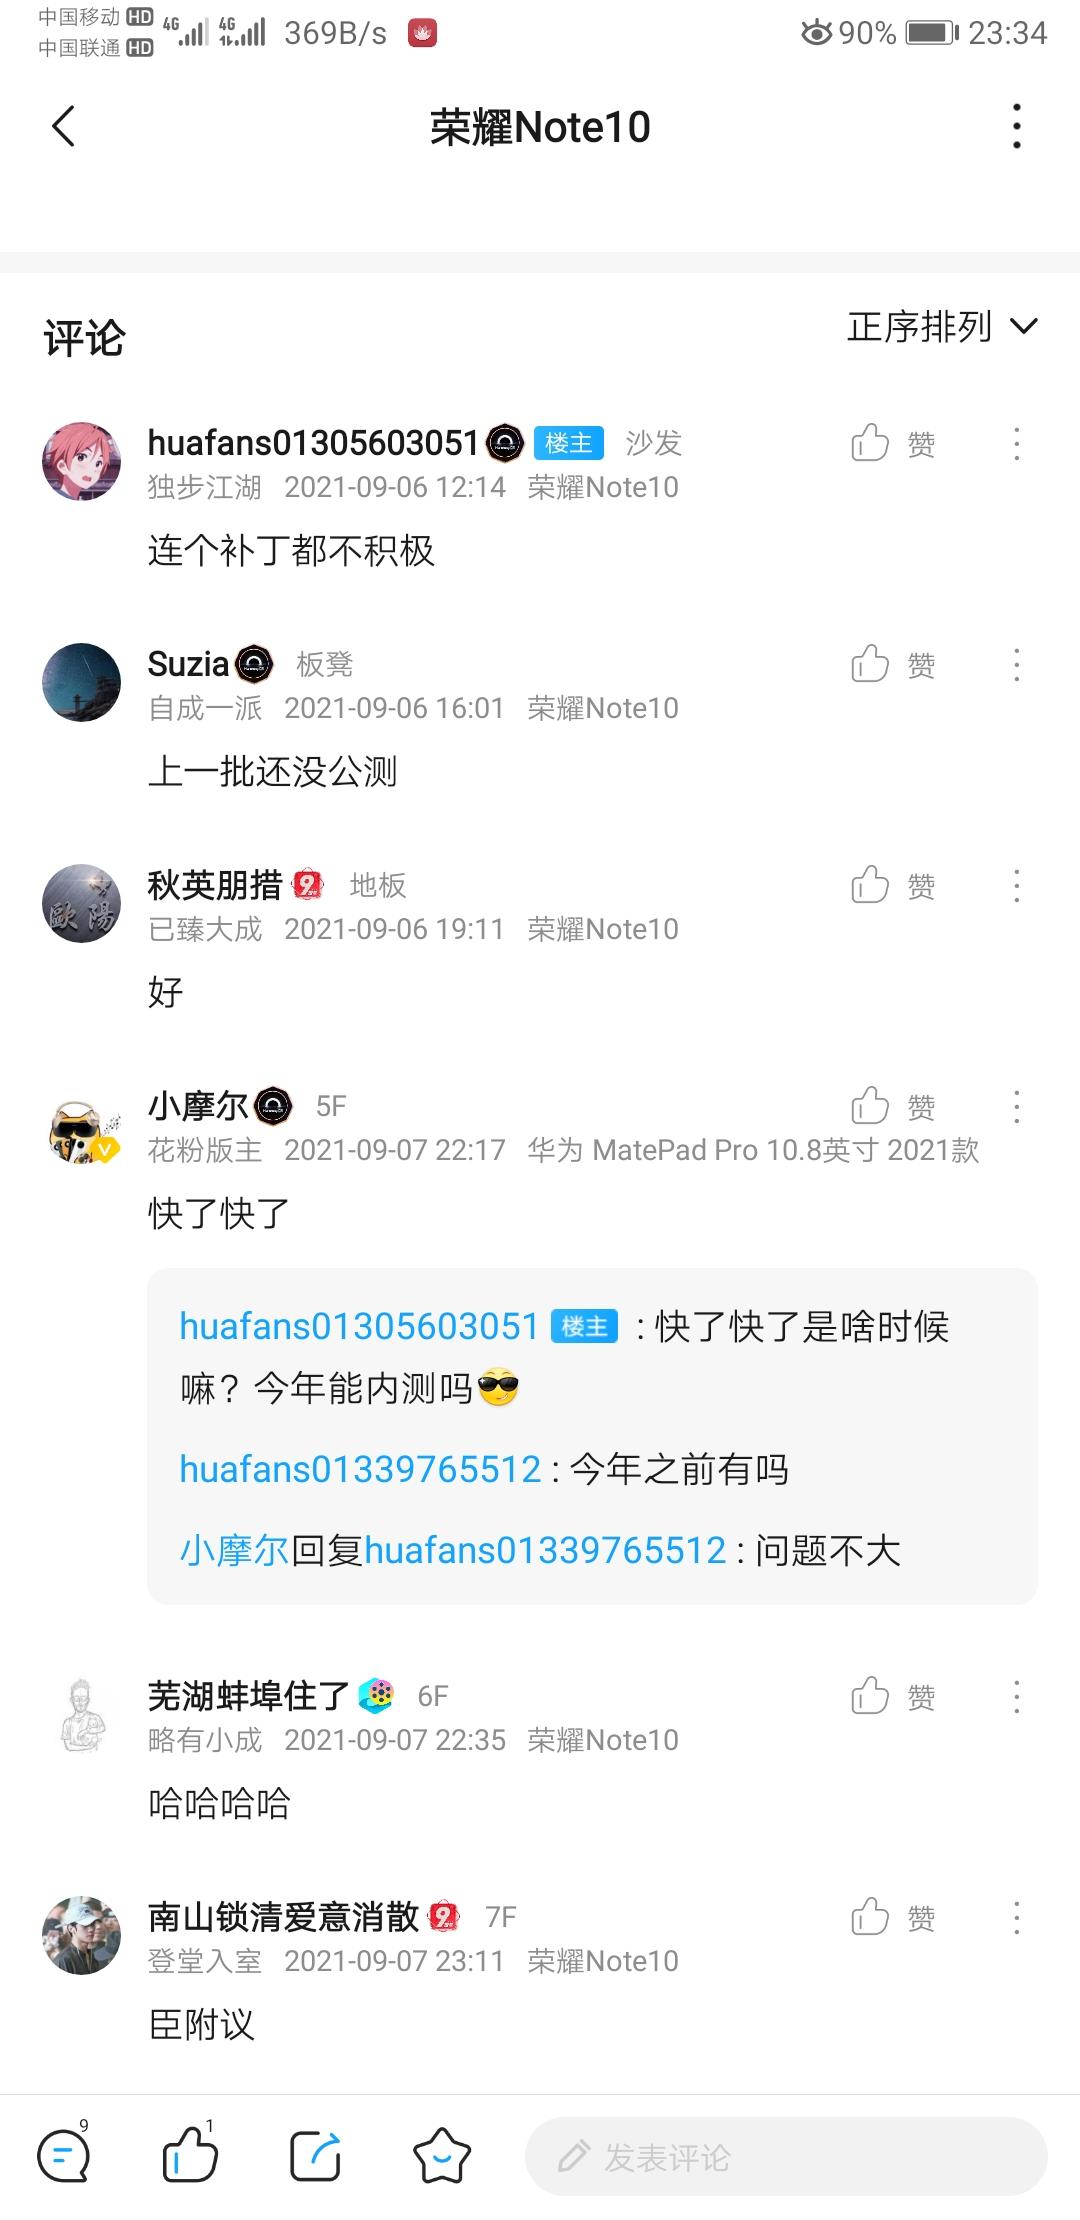 Screenshot_20210907_233437_com.huawei.fans.jpg